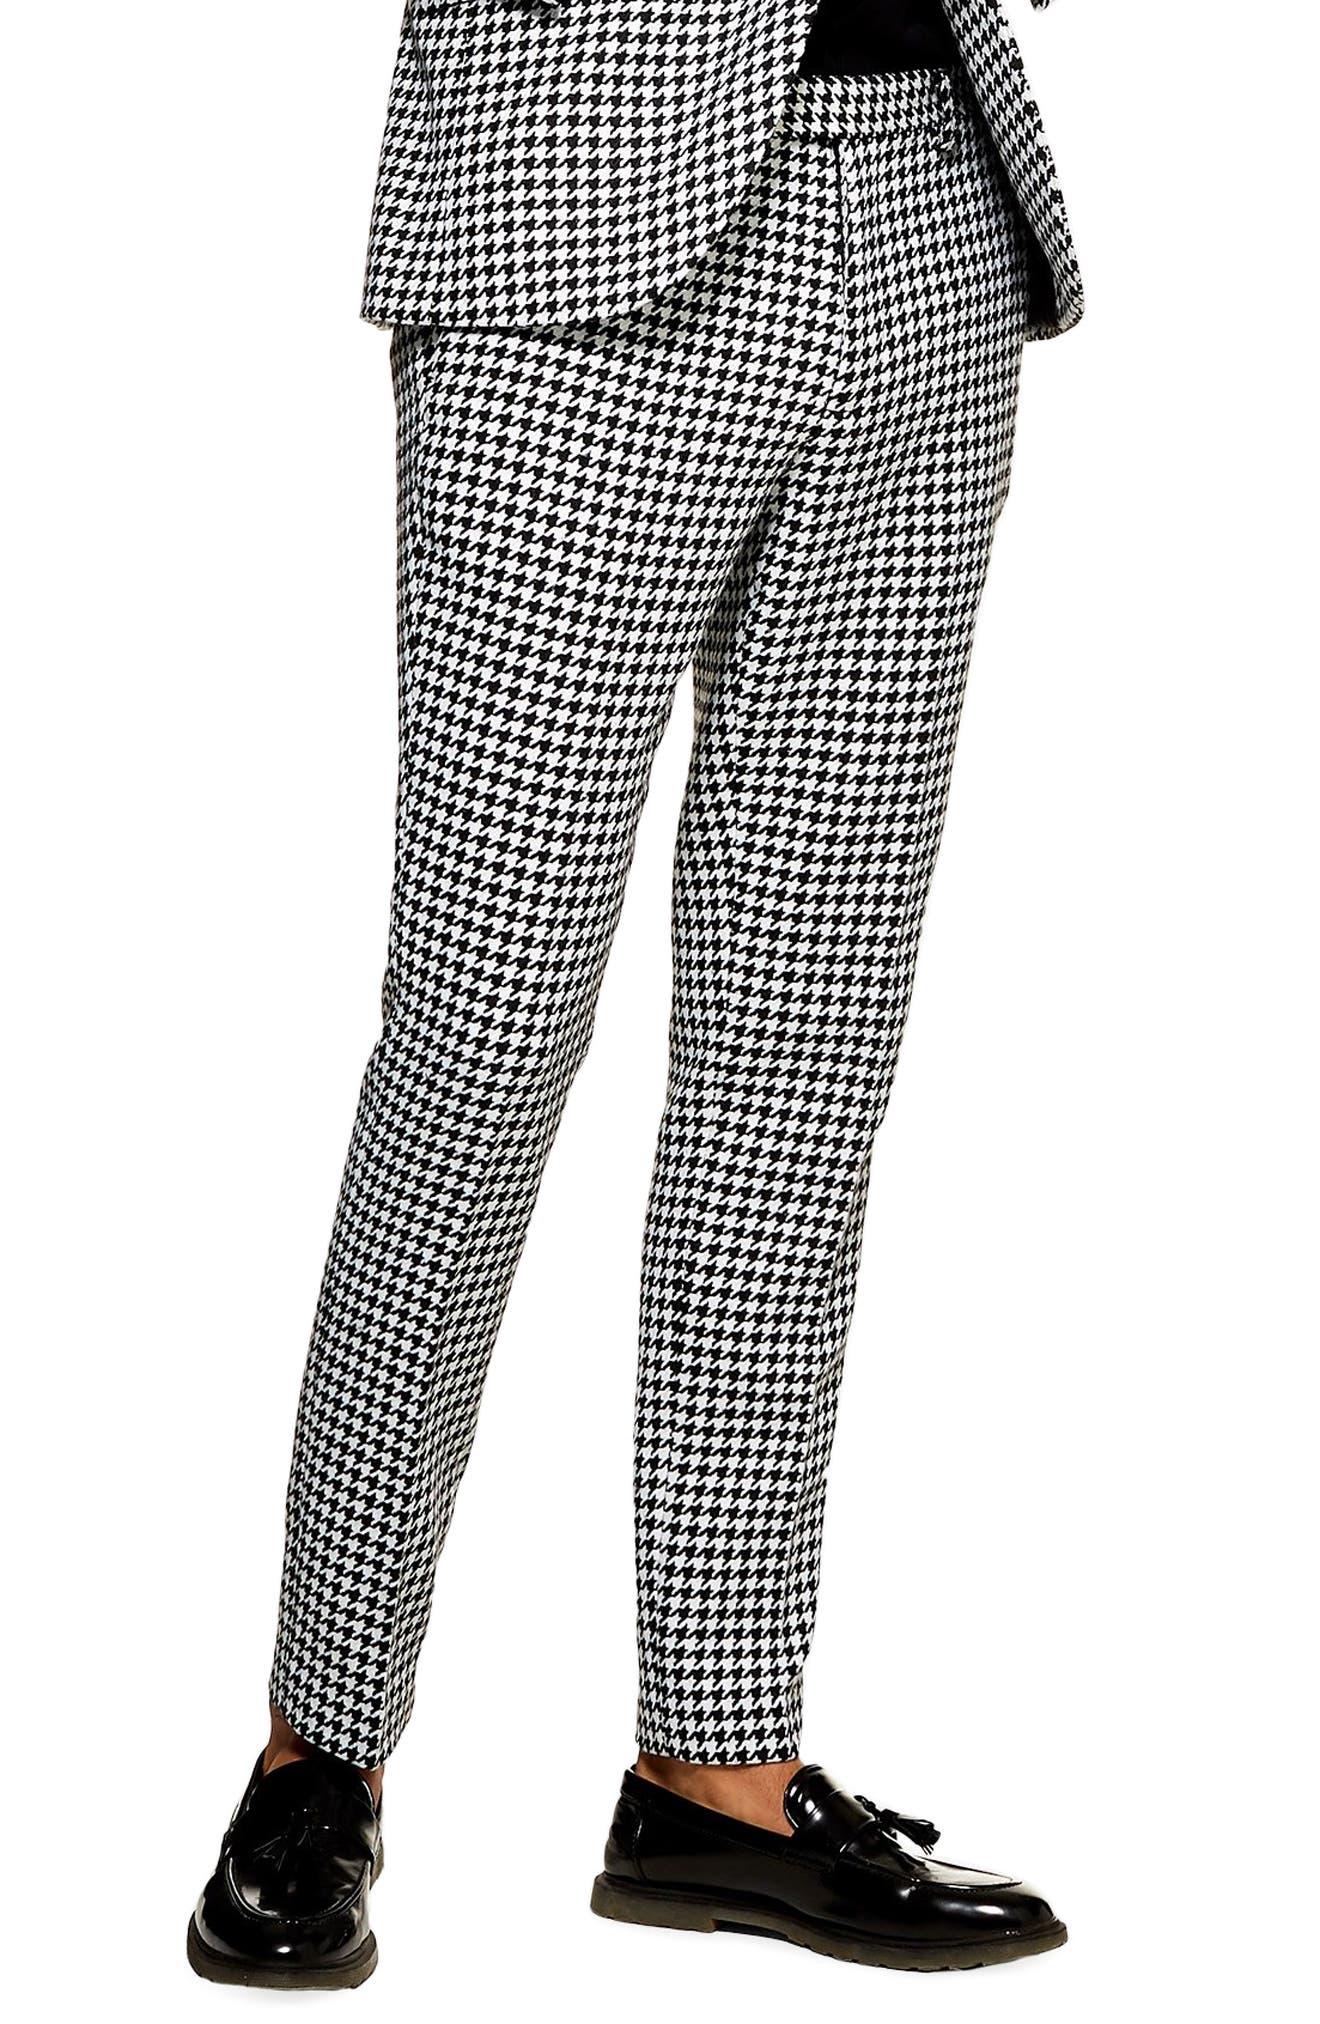 Roe Skinny Fit Trousers,                             Main thumbnail 1, color,                             BLACK MULTI